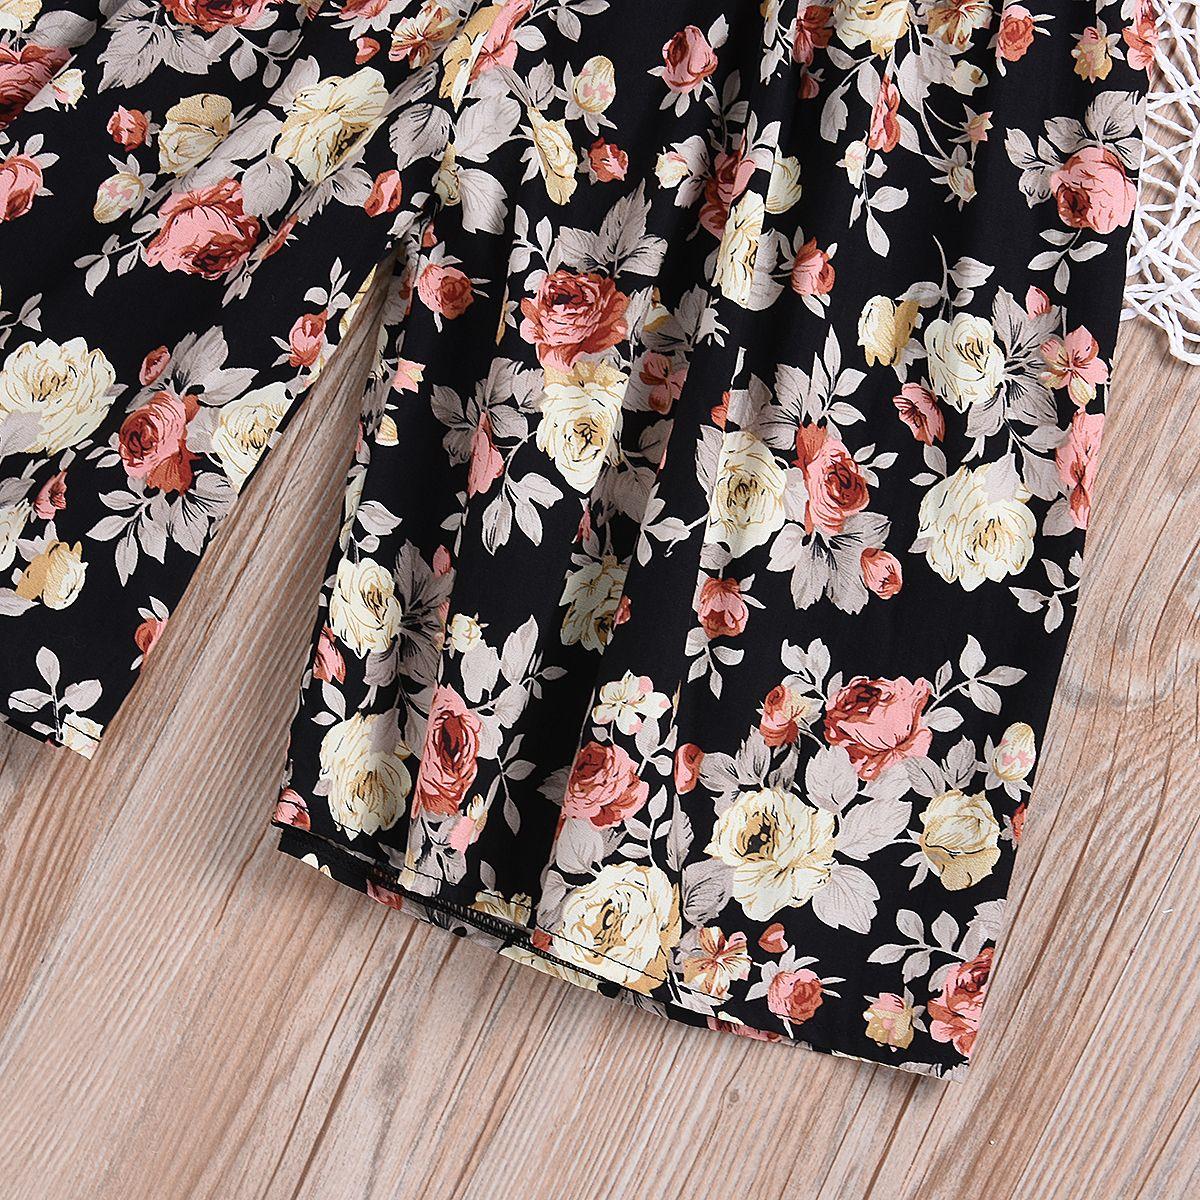 2019 Yaz Bebek Çocuk Kız Bebek Giyim Şık Kolsuz O-Boyun Çiçek Tulum Romper Gevşek Geniş Bacak tulumları Kıyafet